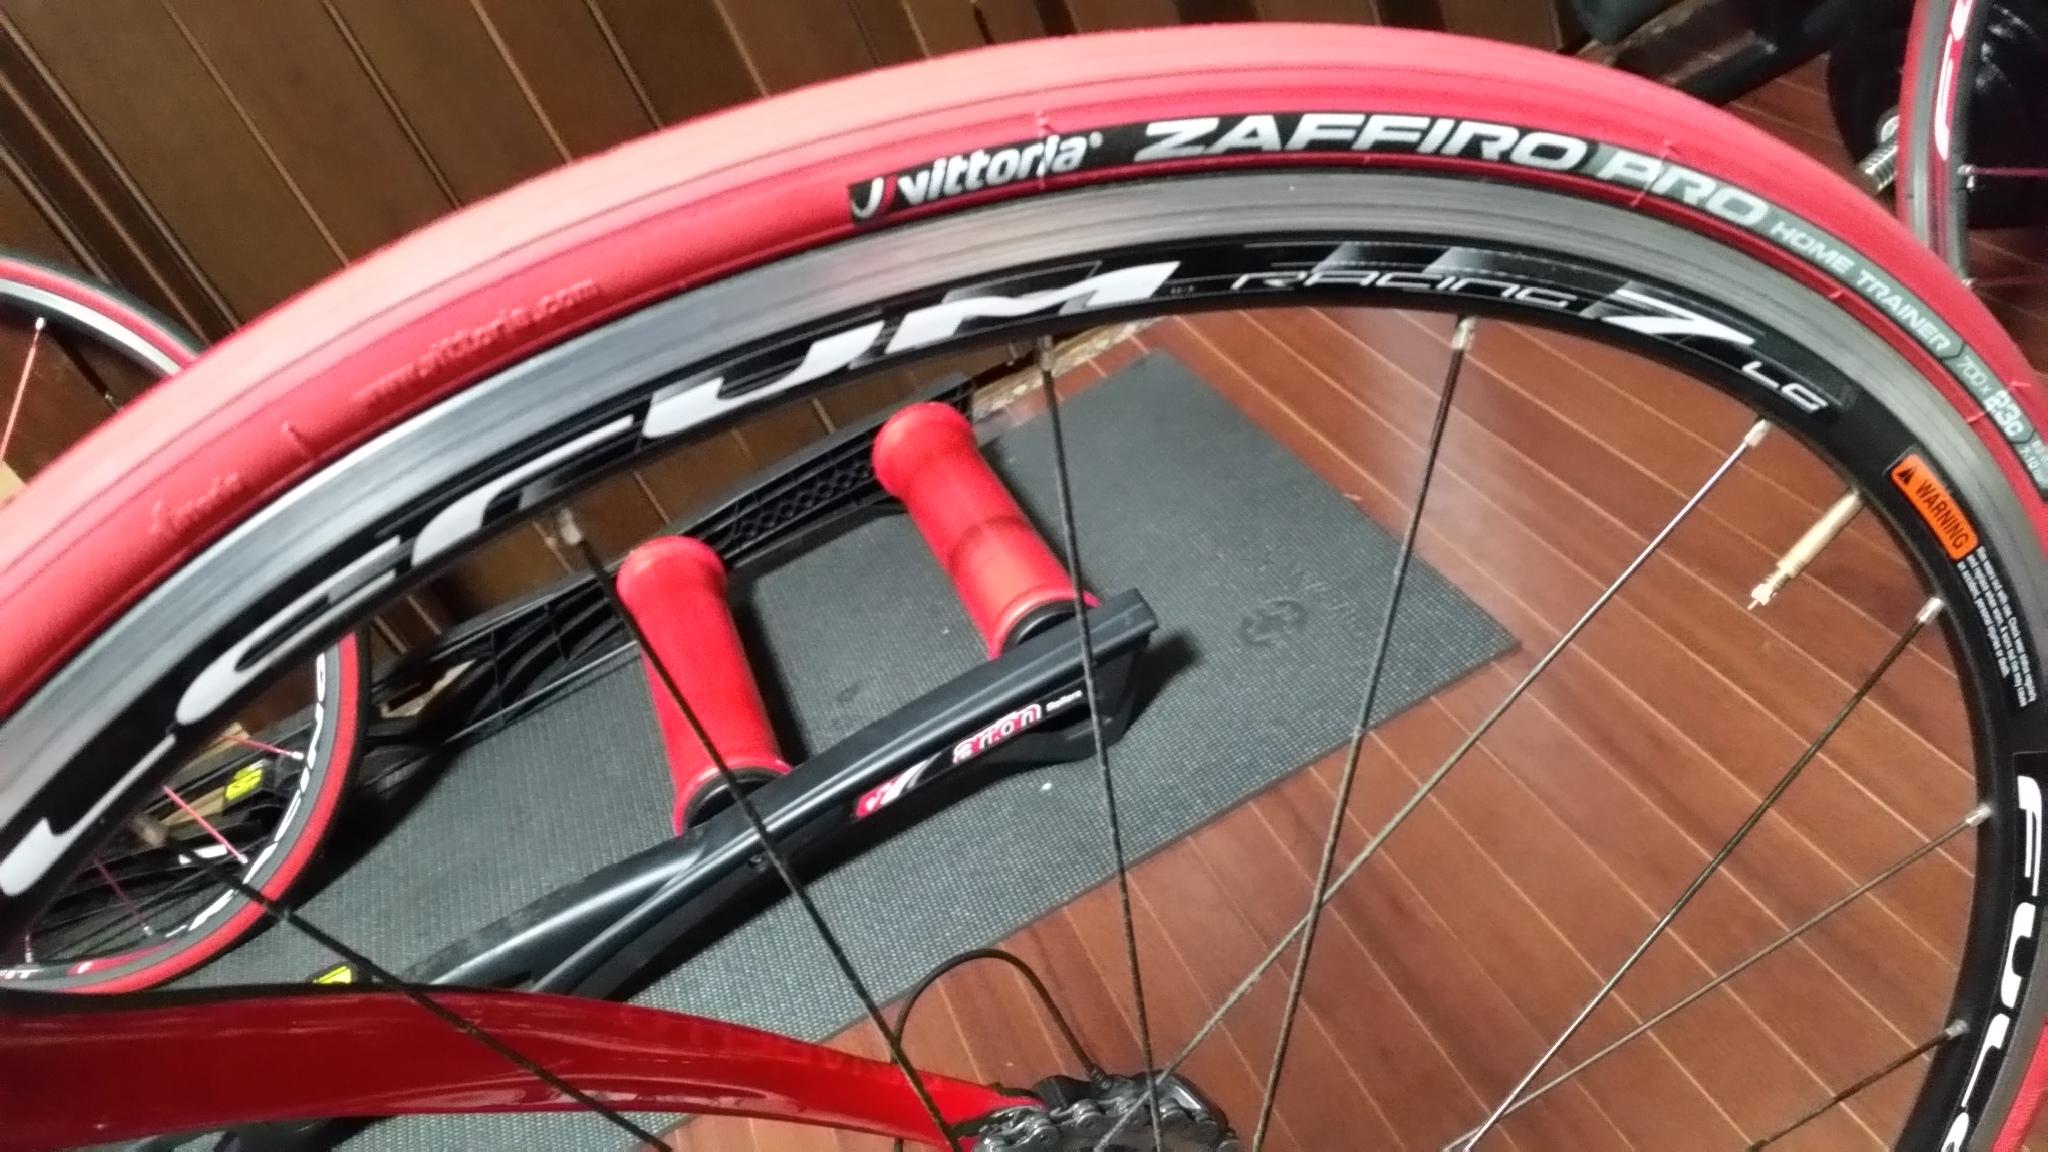 ローラー練習にはやはり専用タイヤが良い!!Vittoria(ビットリア) ZAFFIRO プロホームトレーナーが素晴らしい!!